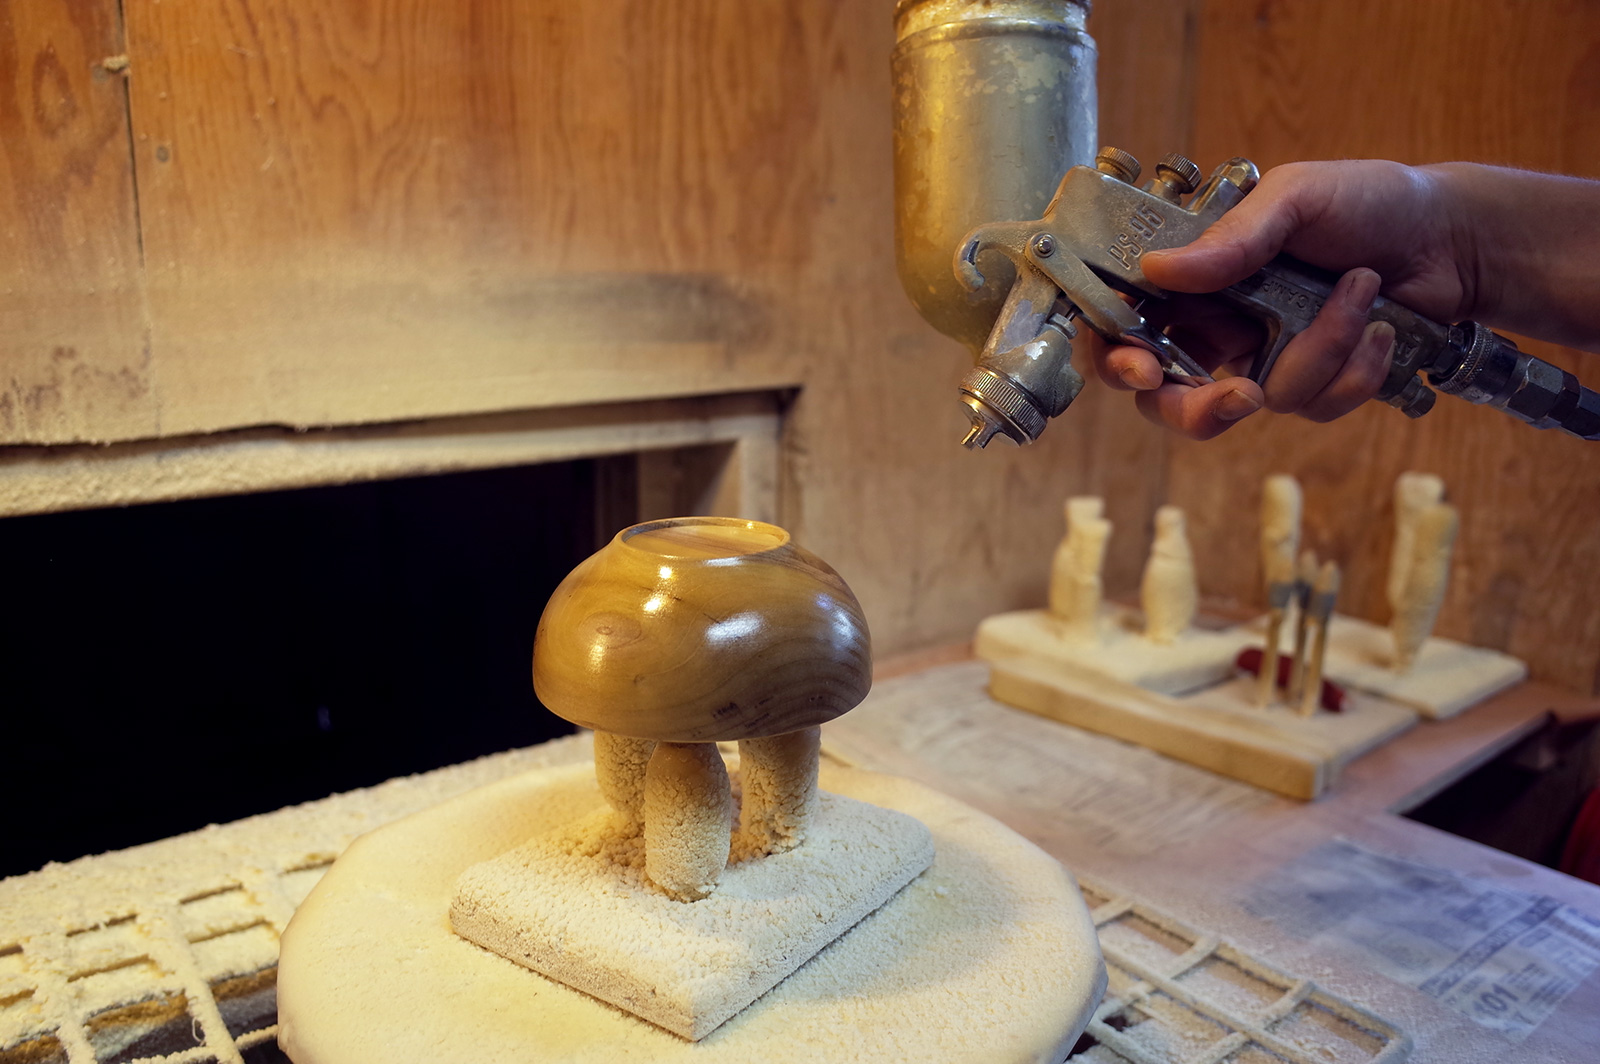 器を回転させながら全体に塗料を吹き付ける様子